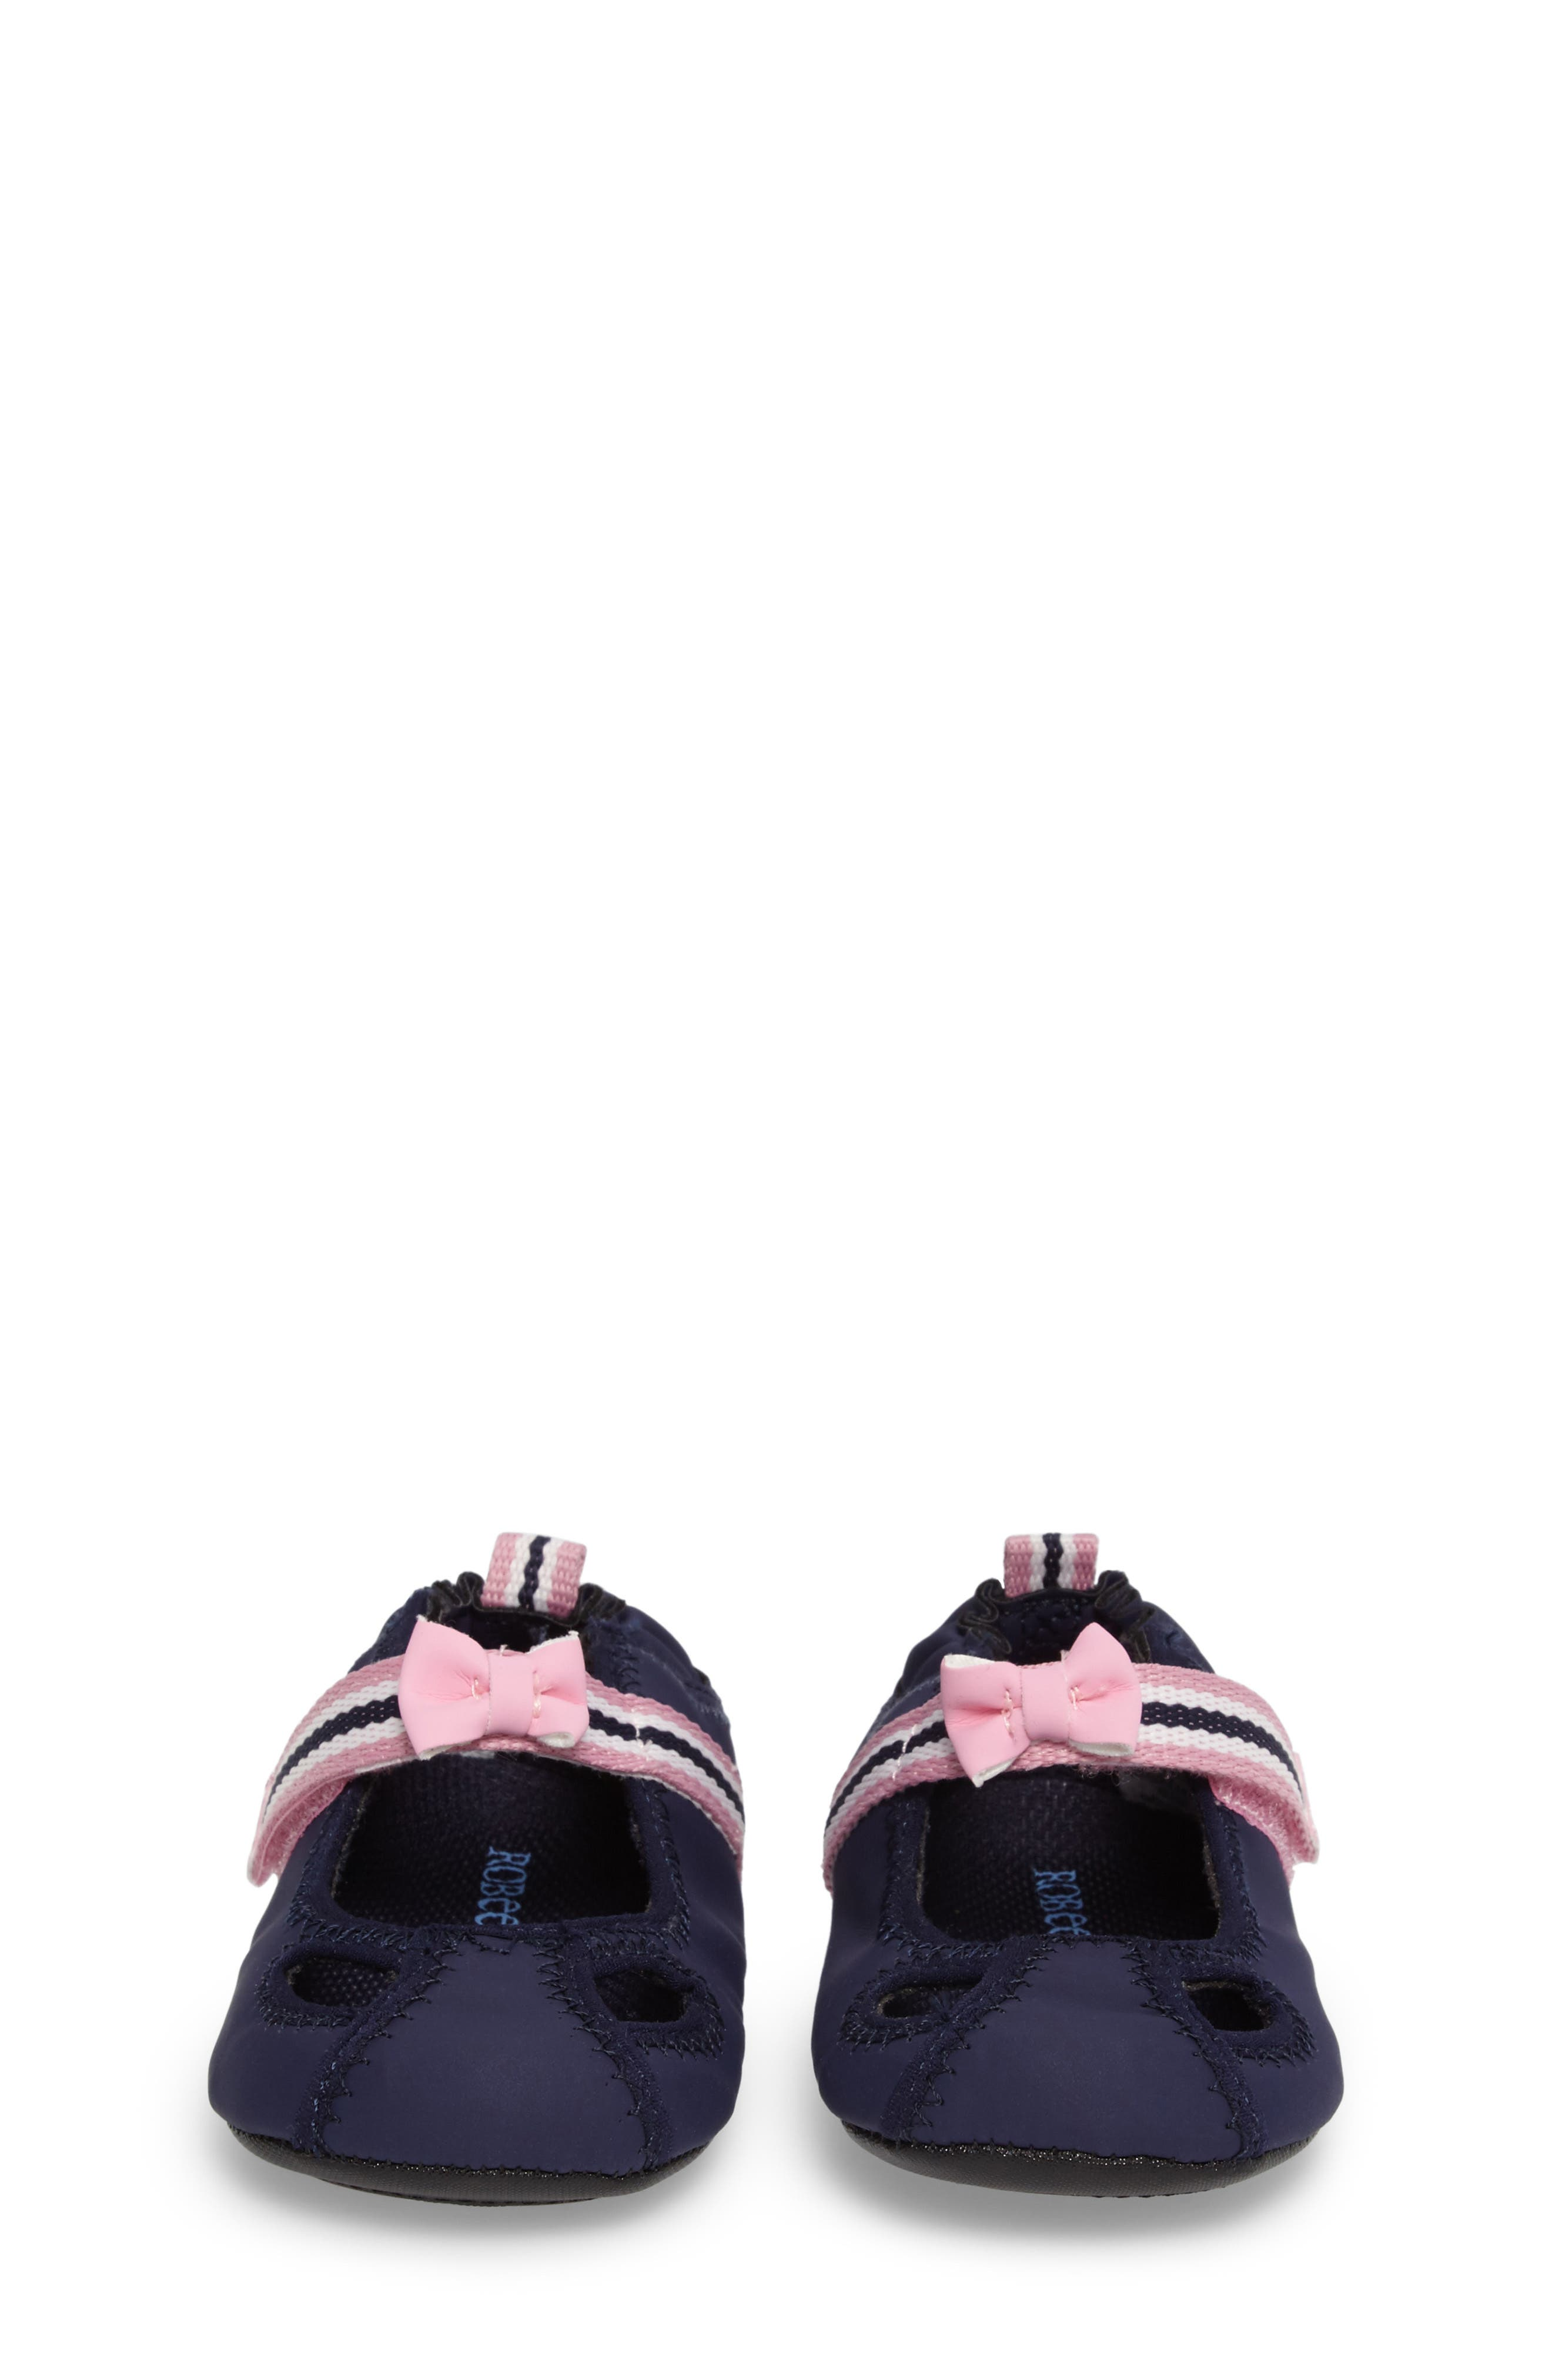 Wave Catcher Crib Shoe,                             Alternate thumbnail 4, color,